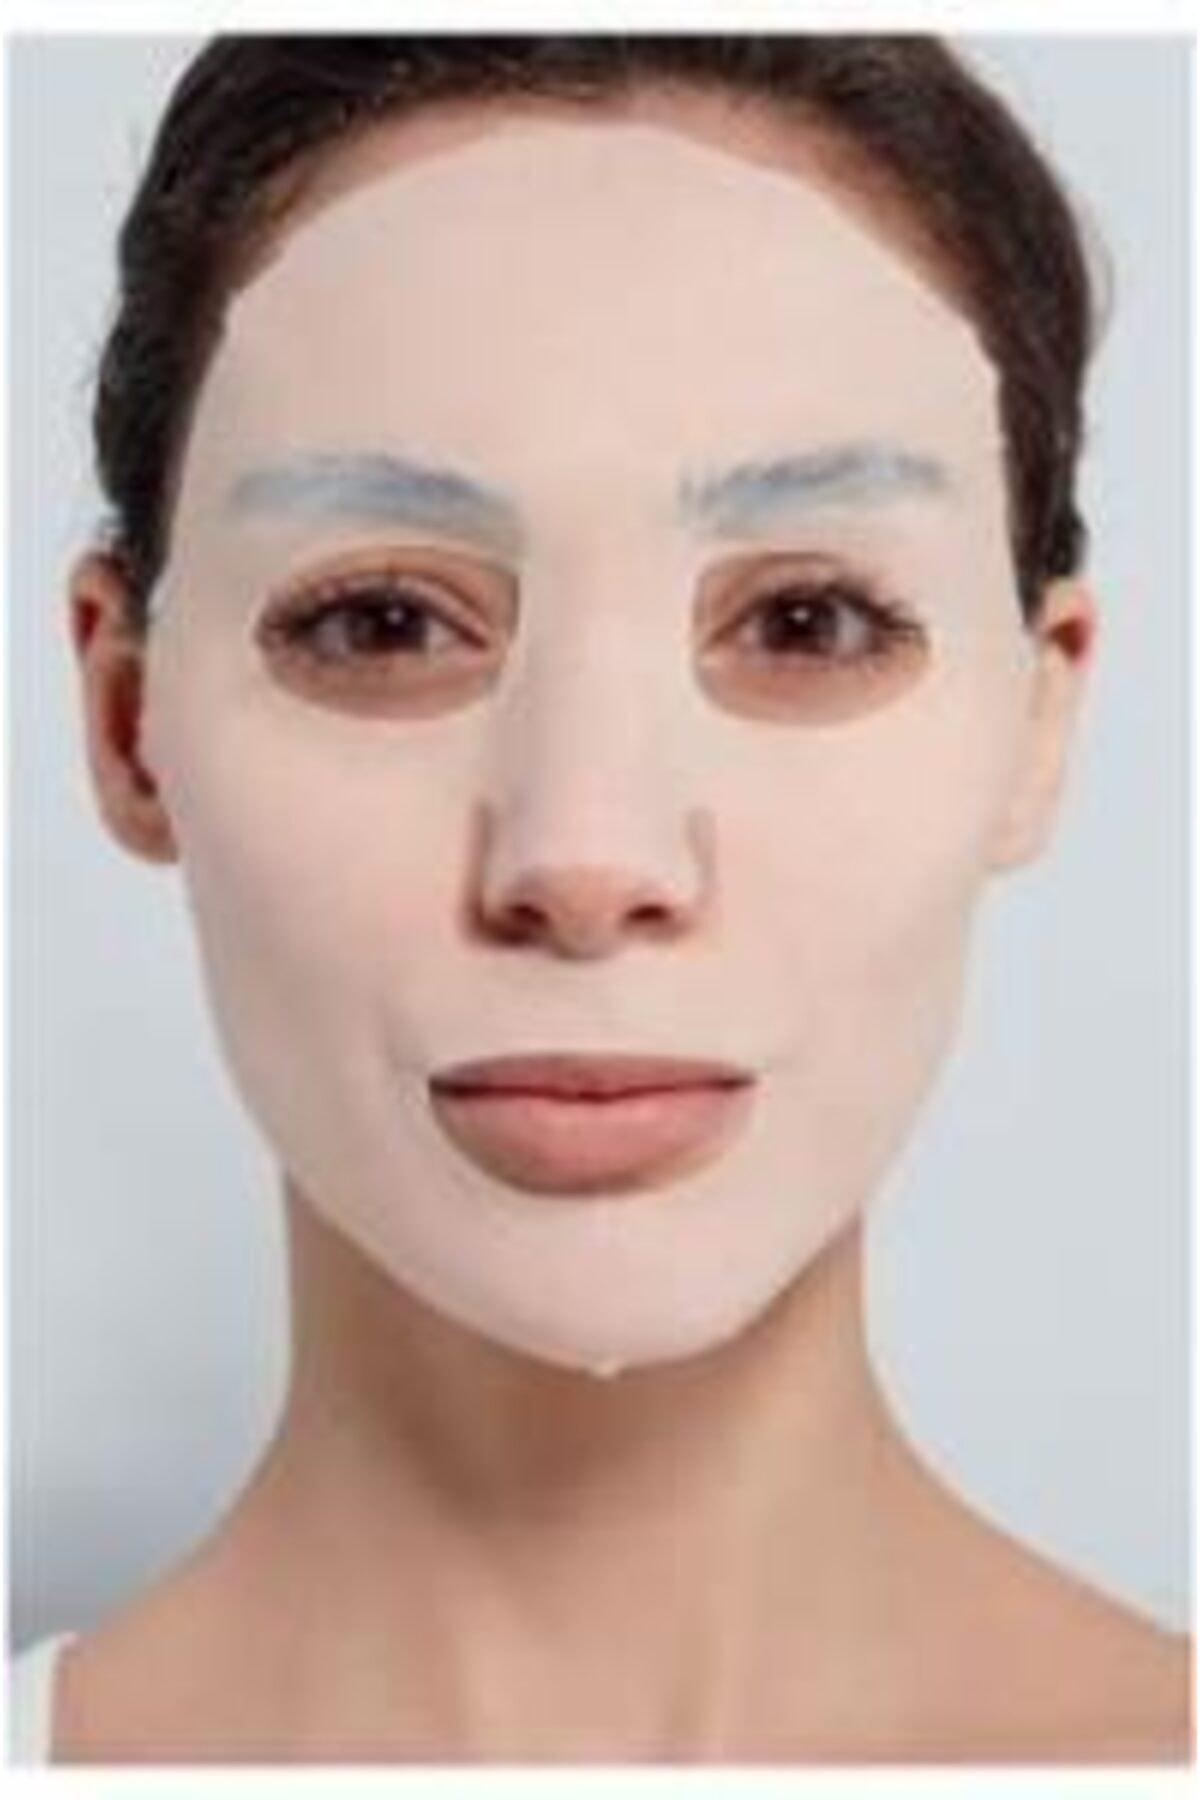 L'Oreal Paris 4'lü Hyaluron Uzmanı Cilt Dolgunlaştıran Nemlendirici Kağıt Yüz Maskesi - Hyaluronik Asit Seti 2